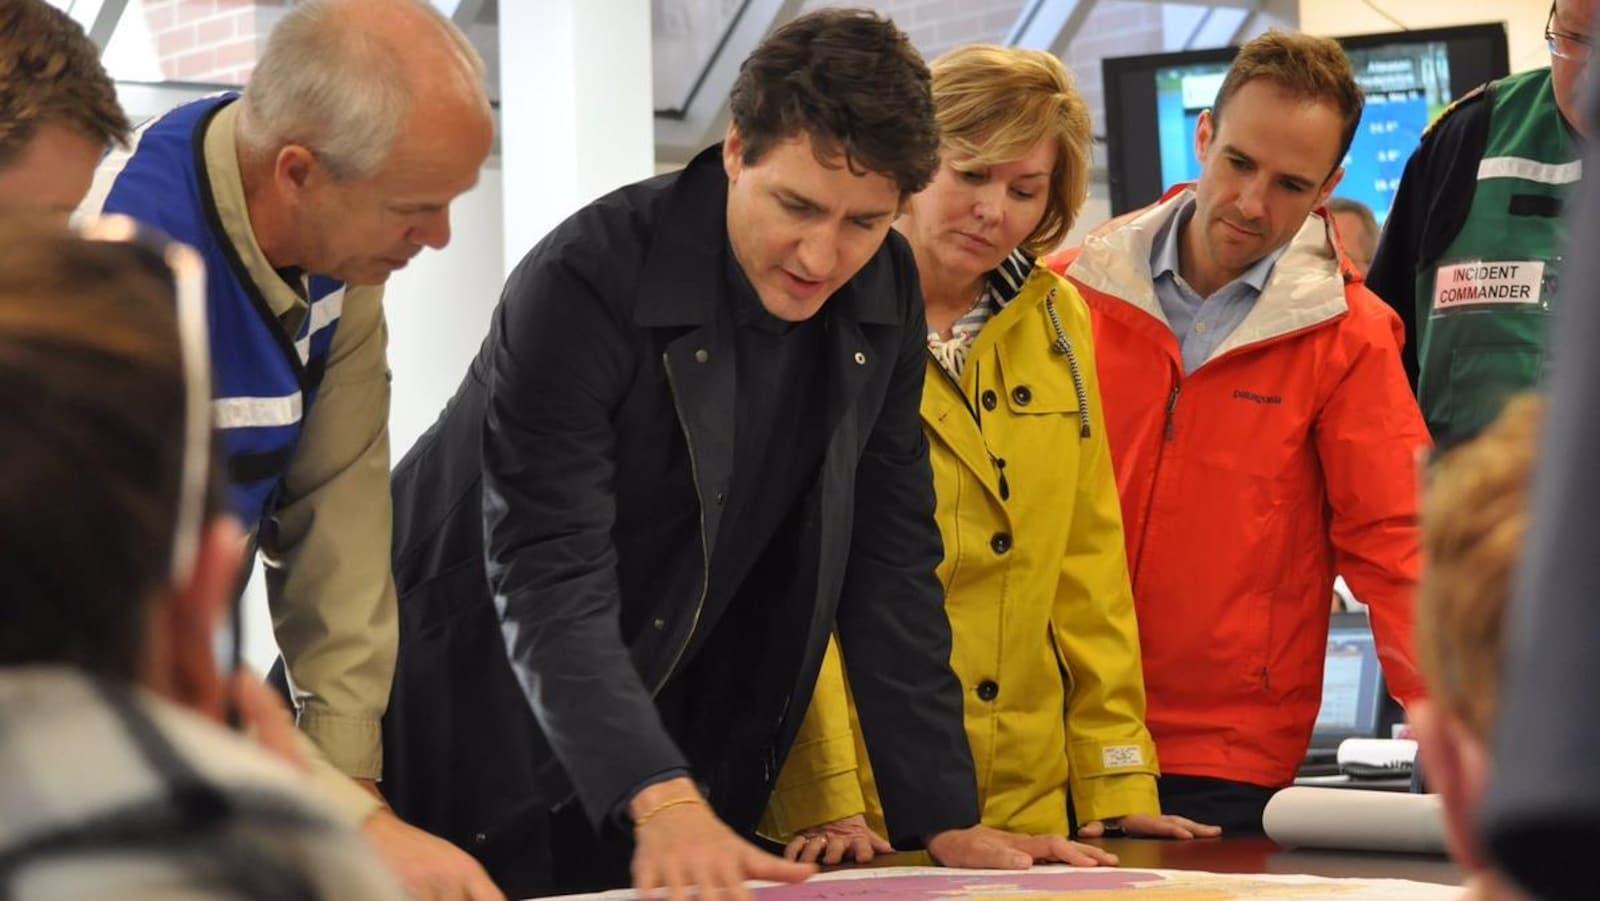 Le premier ministre du Canada, Justin Trudeau, et des pompiers du Nouveau-Brunswick regardent une carte.